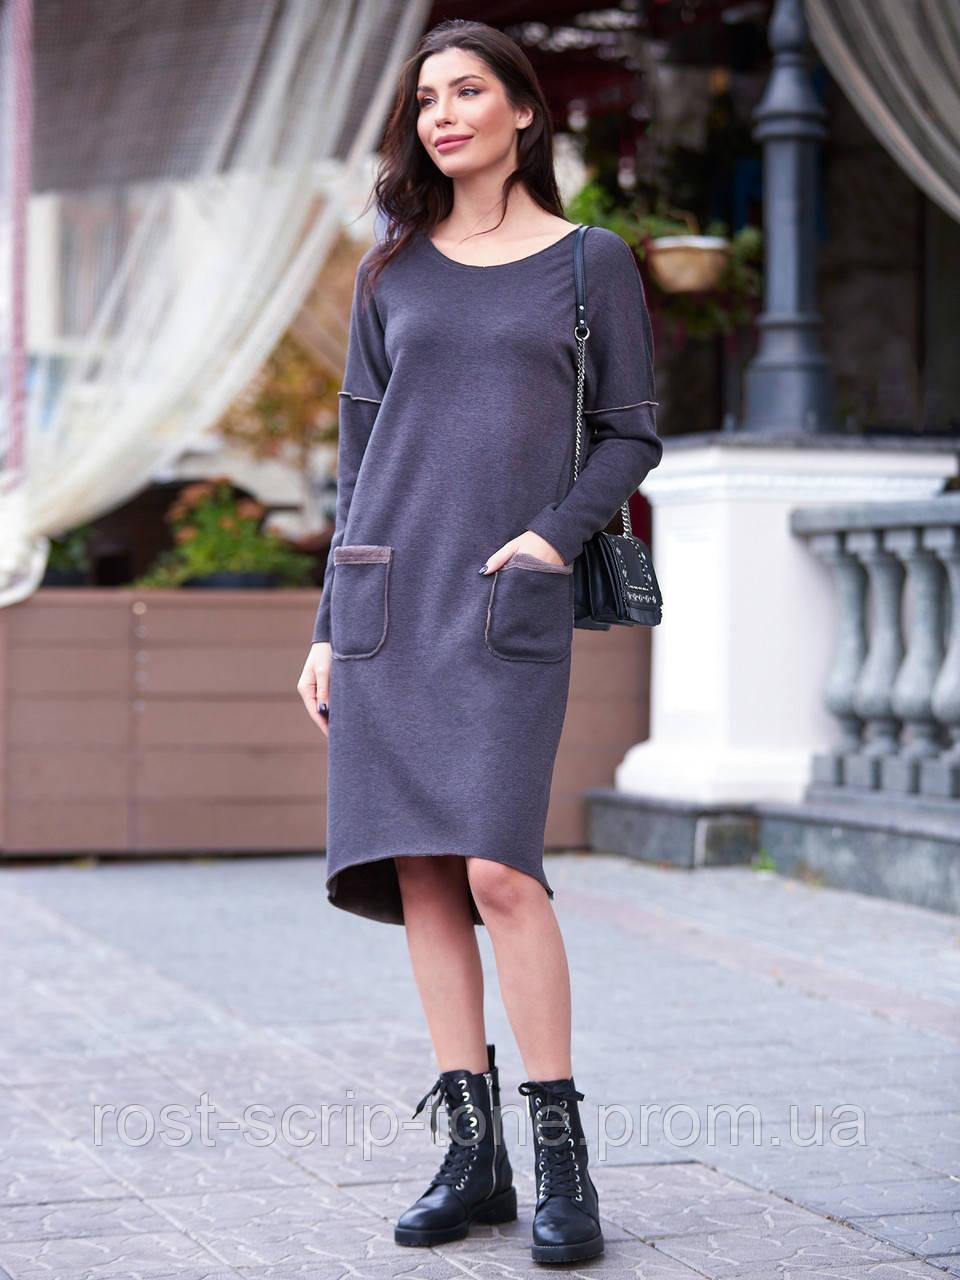 29241c963ef ♥️Теплое платье свободного кроя темно серое   Размер 44